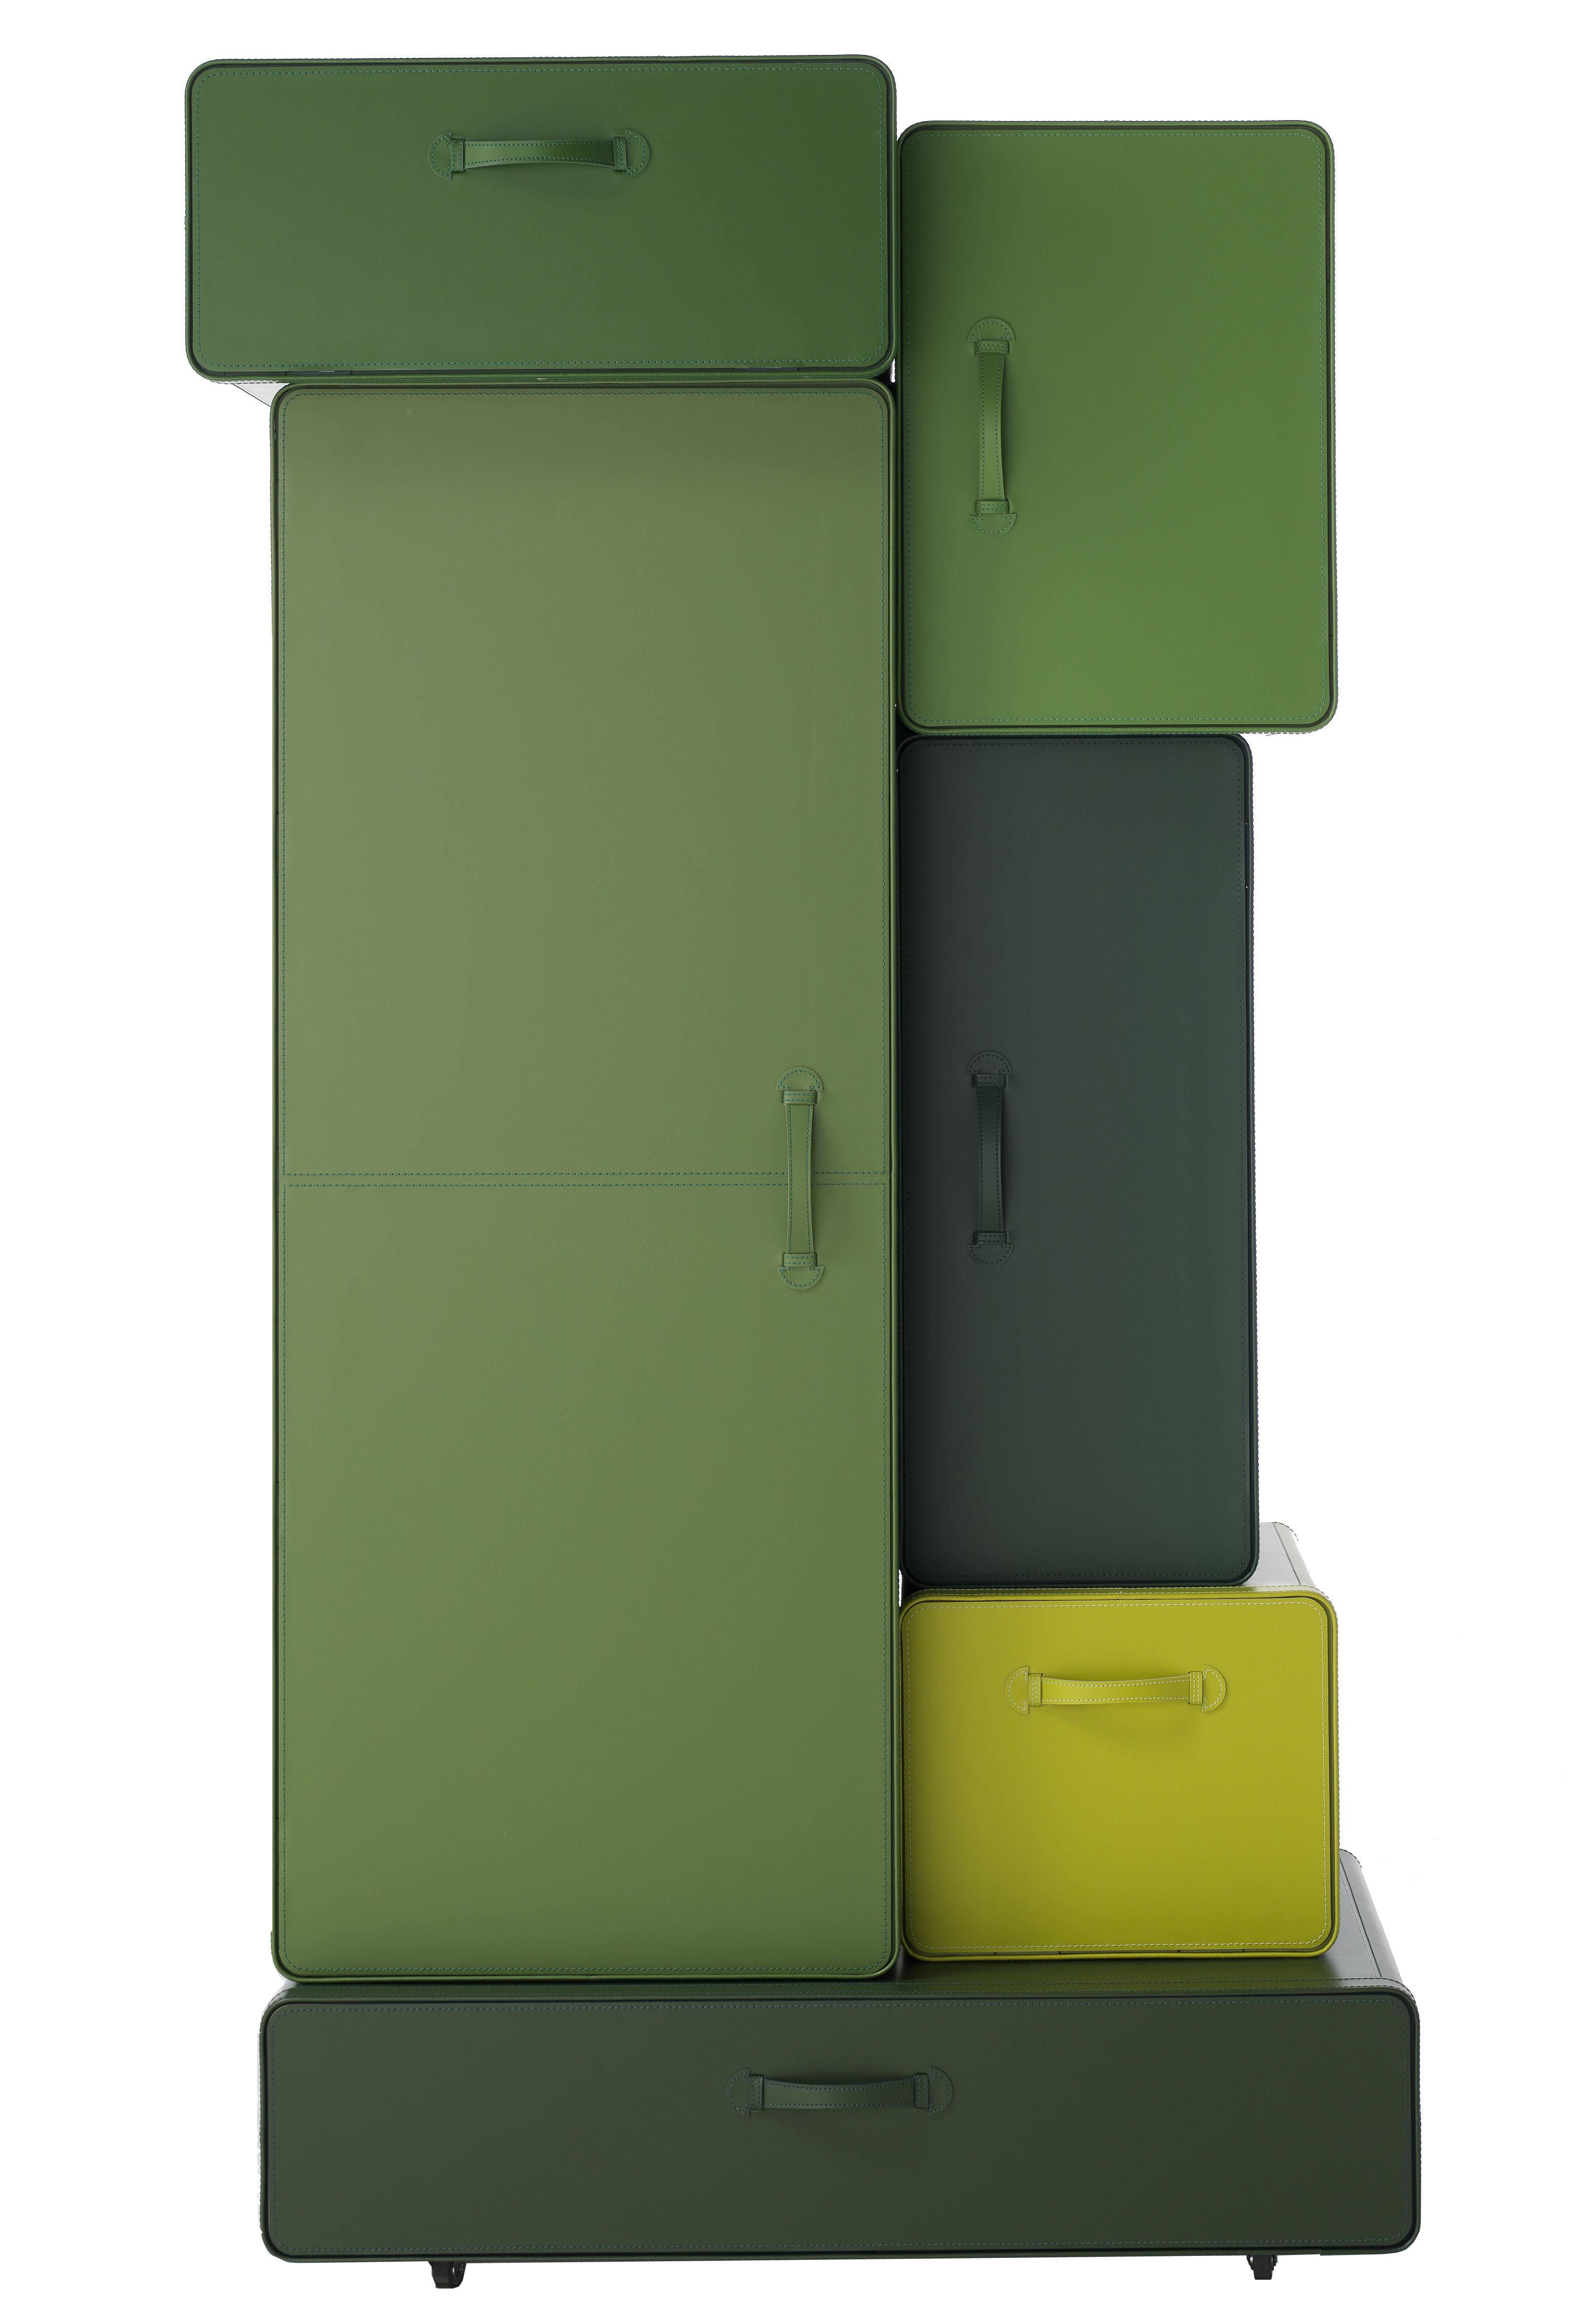 Möbel - Kommode und Anrichte - Valises Schrank - Casamania - Verschiedene Grüntöne - Stahl